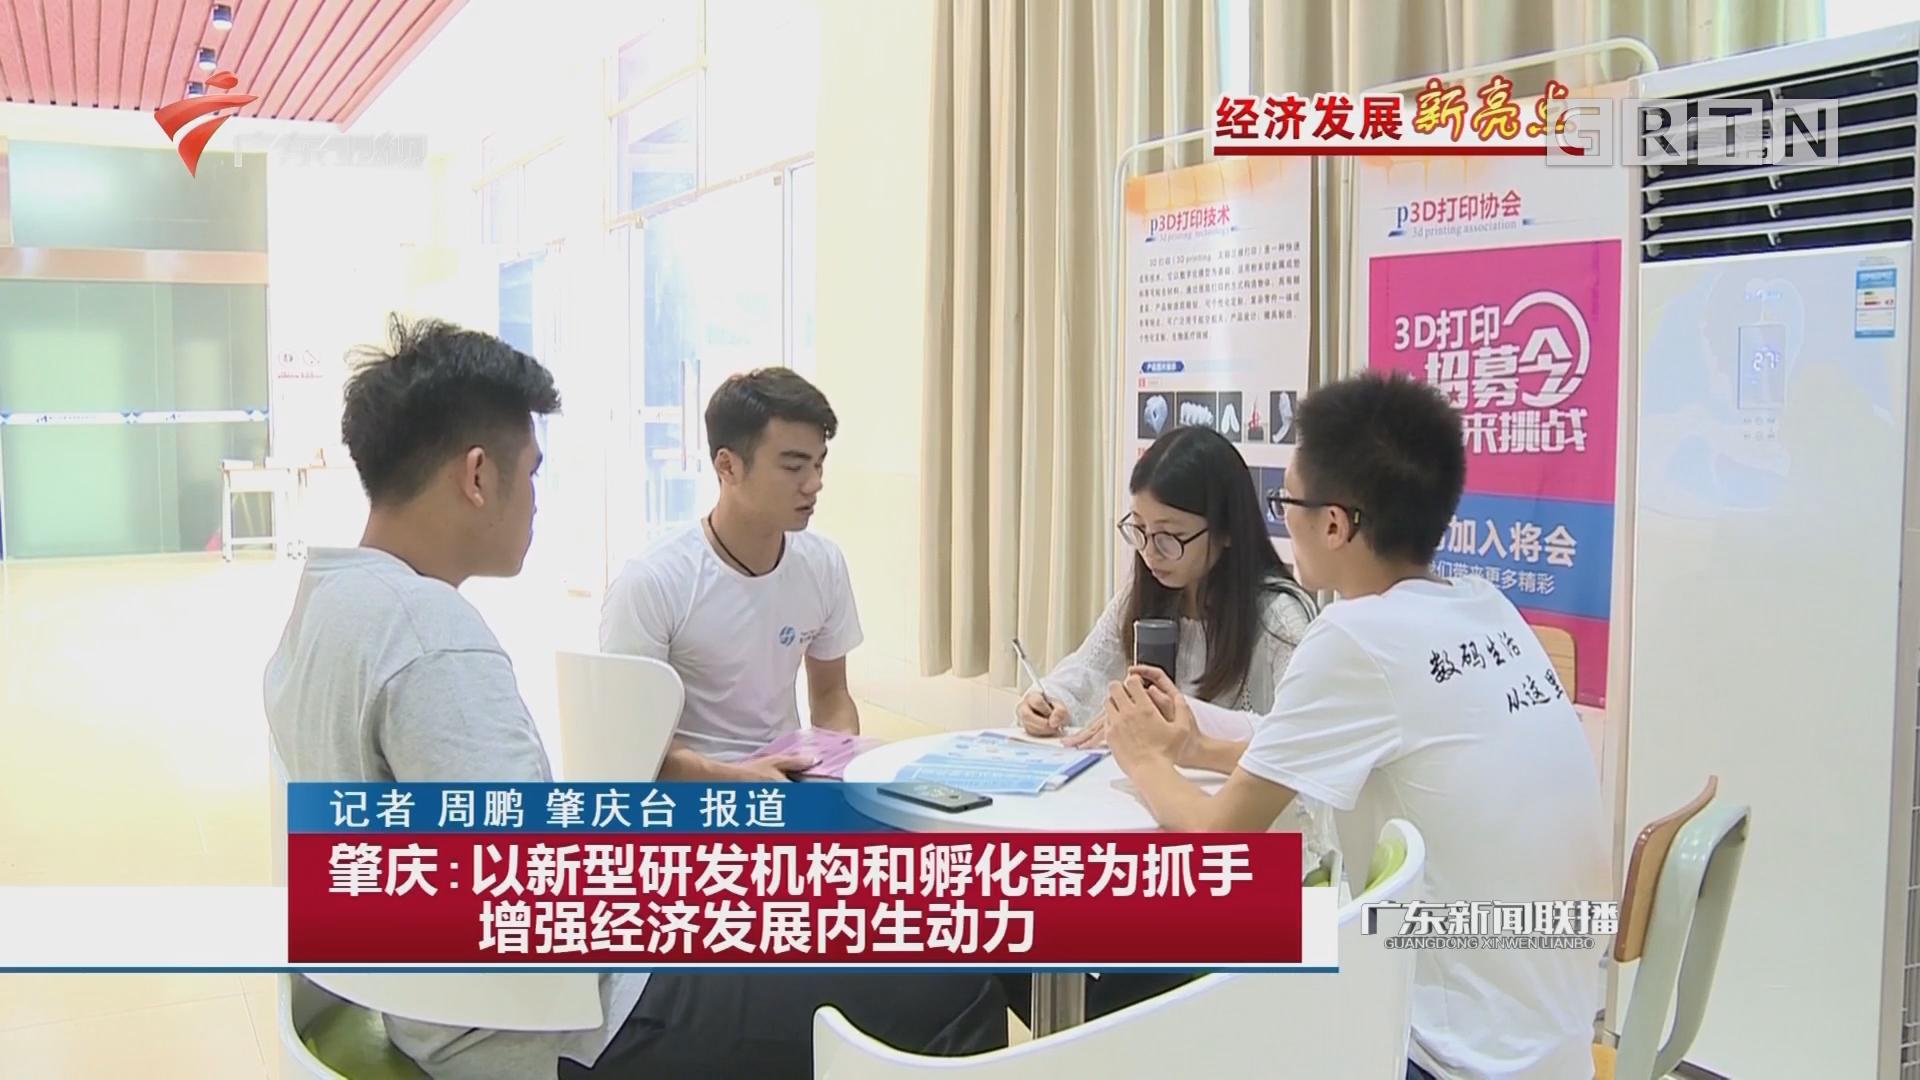 肇庆:以新型研发机构和孵化器为抓手增强经济发展内生动力